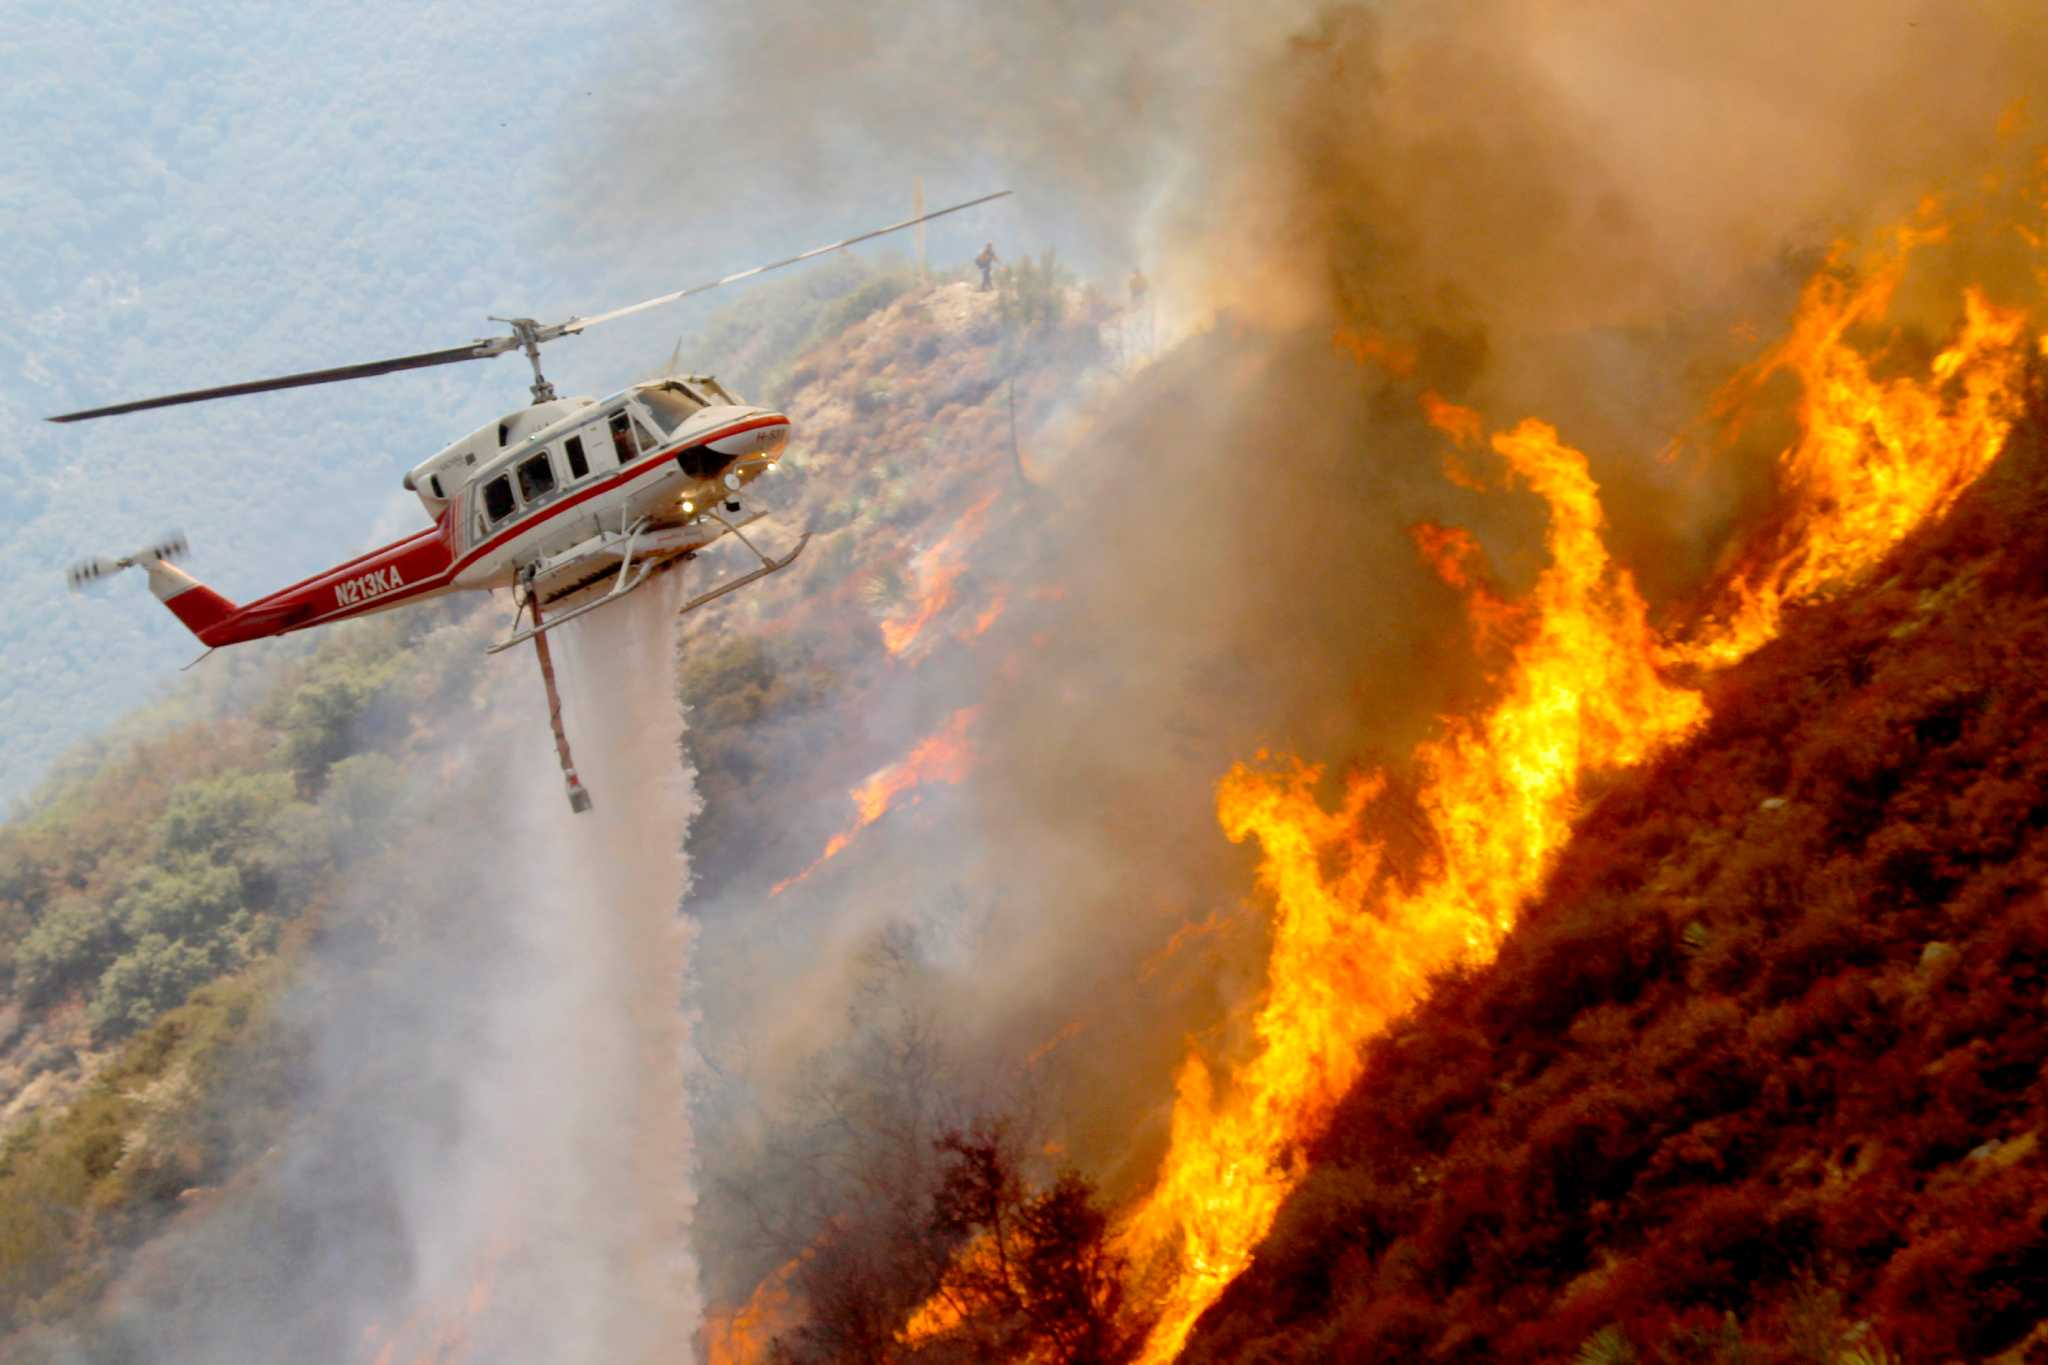 Пожар в Риддерском лесхозе распространился на 14 домов поселка